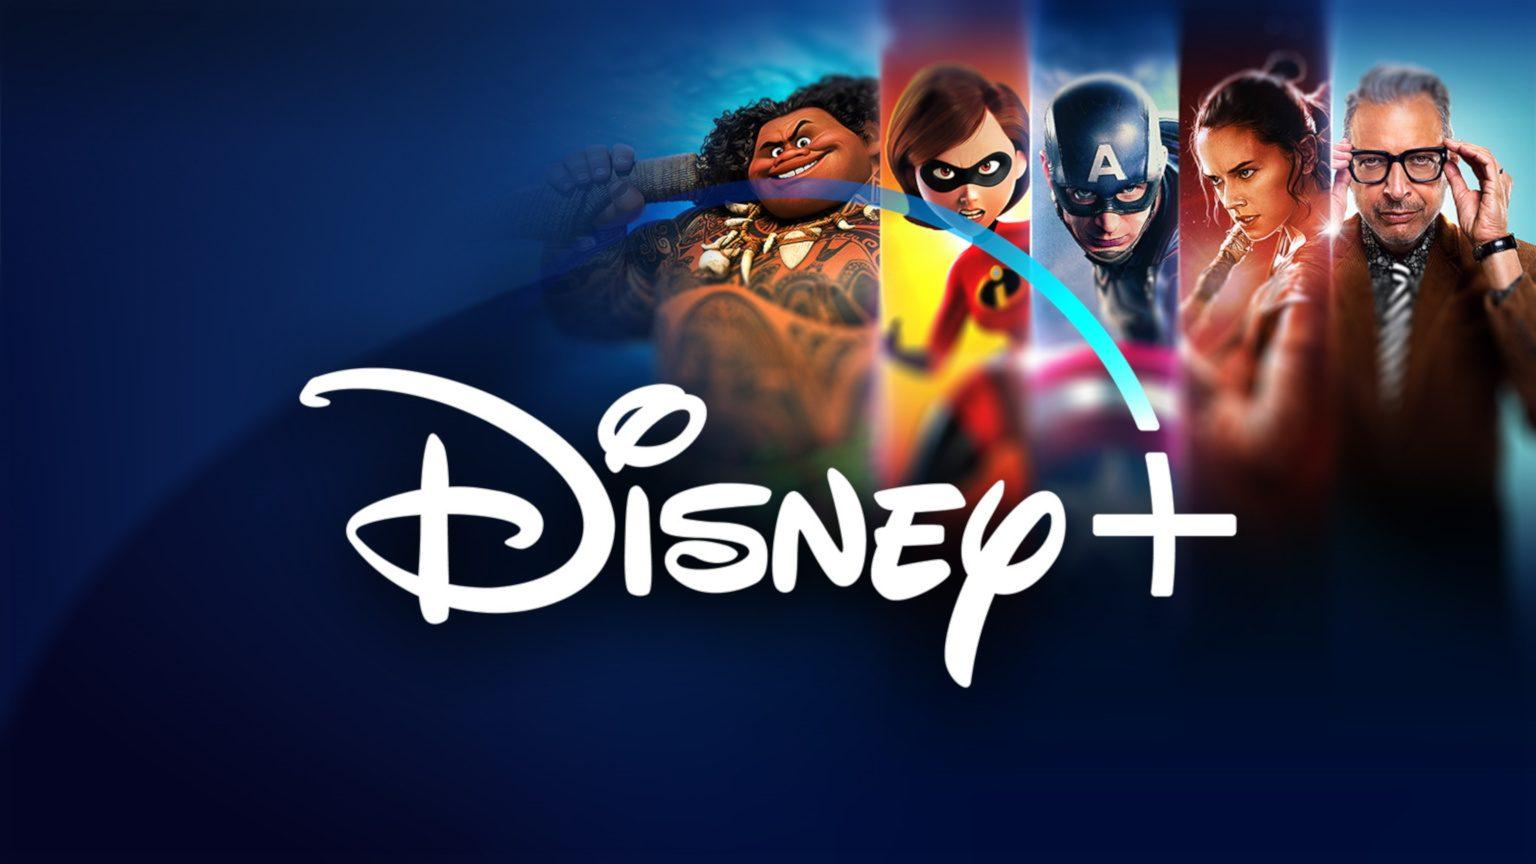 Disney Plus Neuerscheinungen 2021